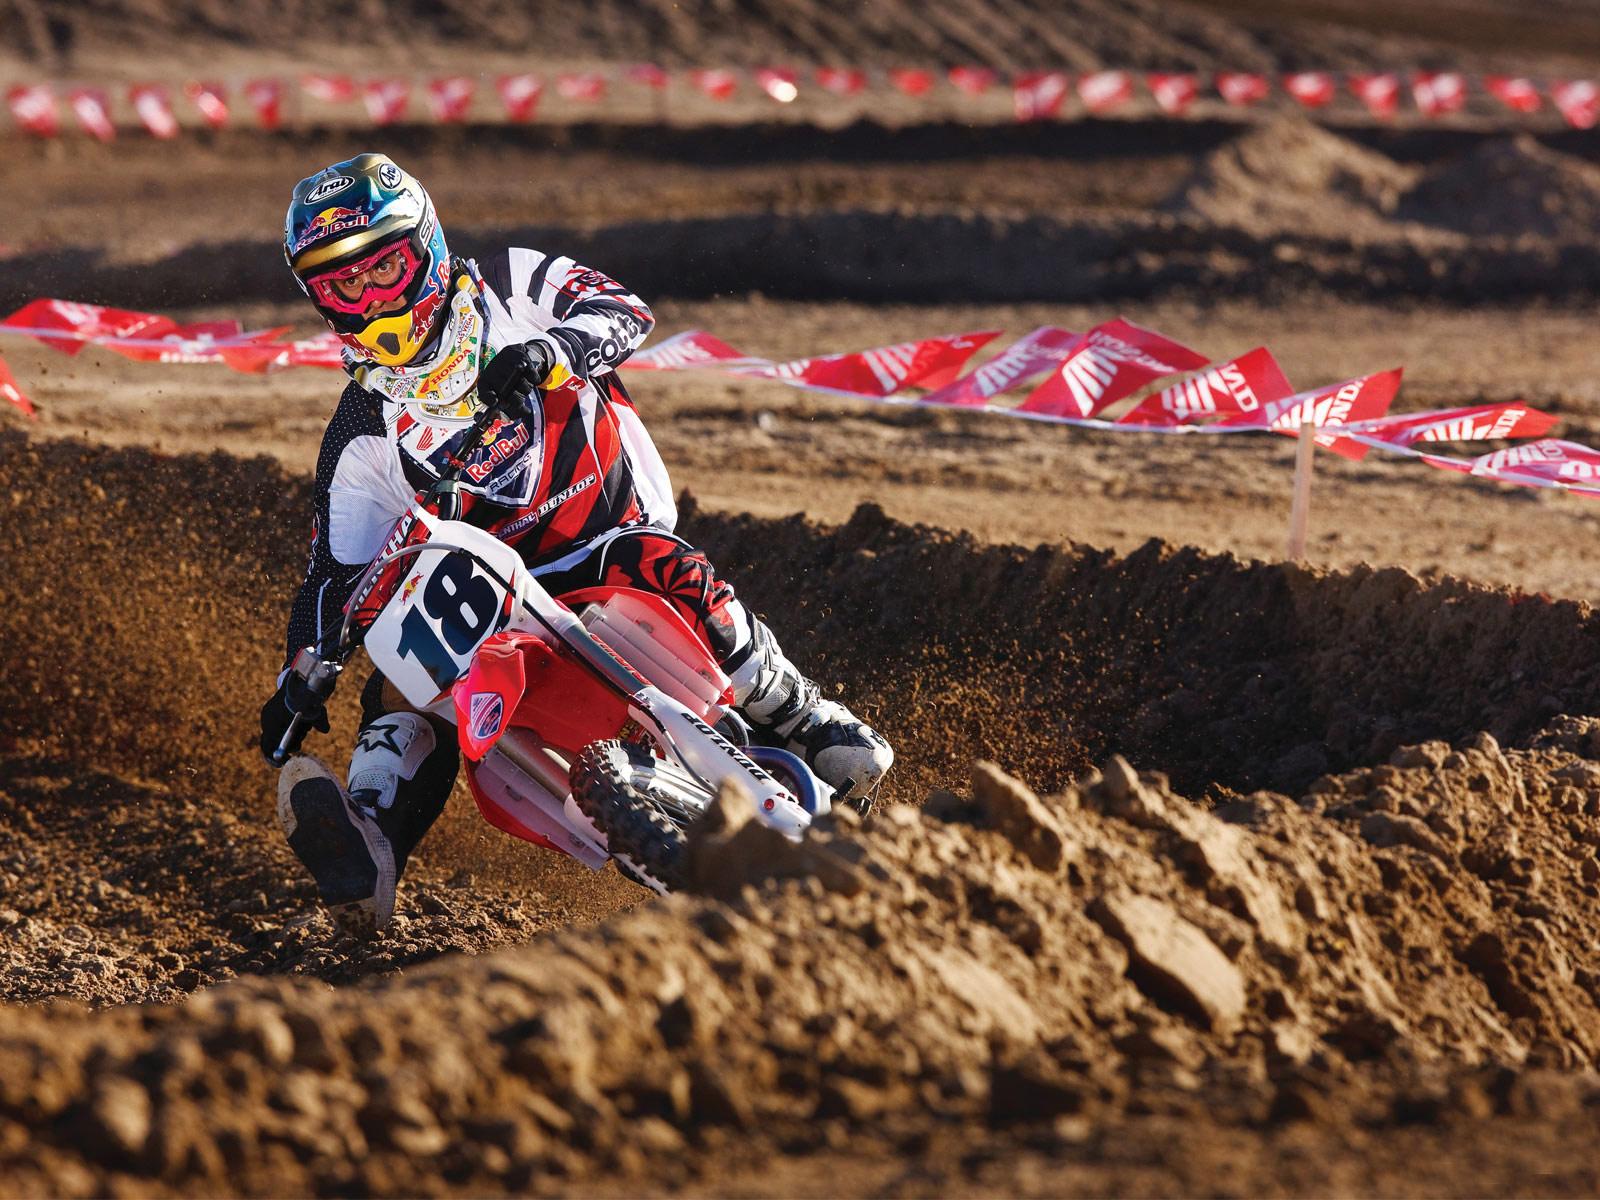 Honda Redbull Racing Davi Millsaps 2010 Wallpapers